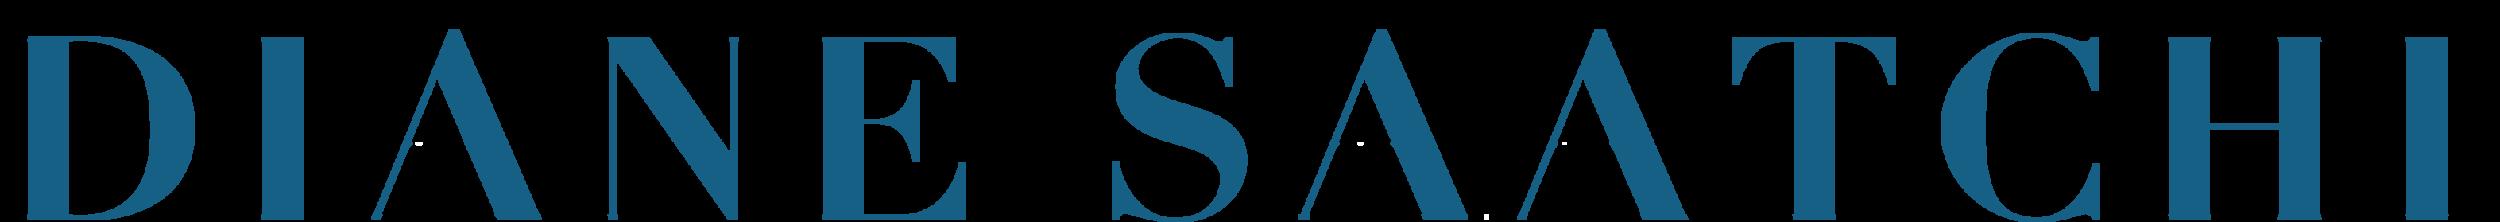 diane-saatchi-logo.png